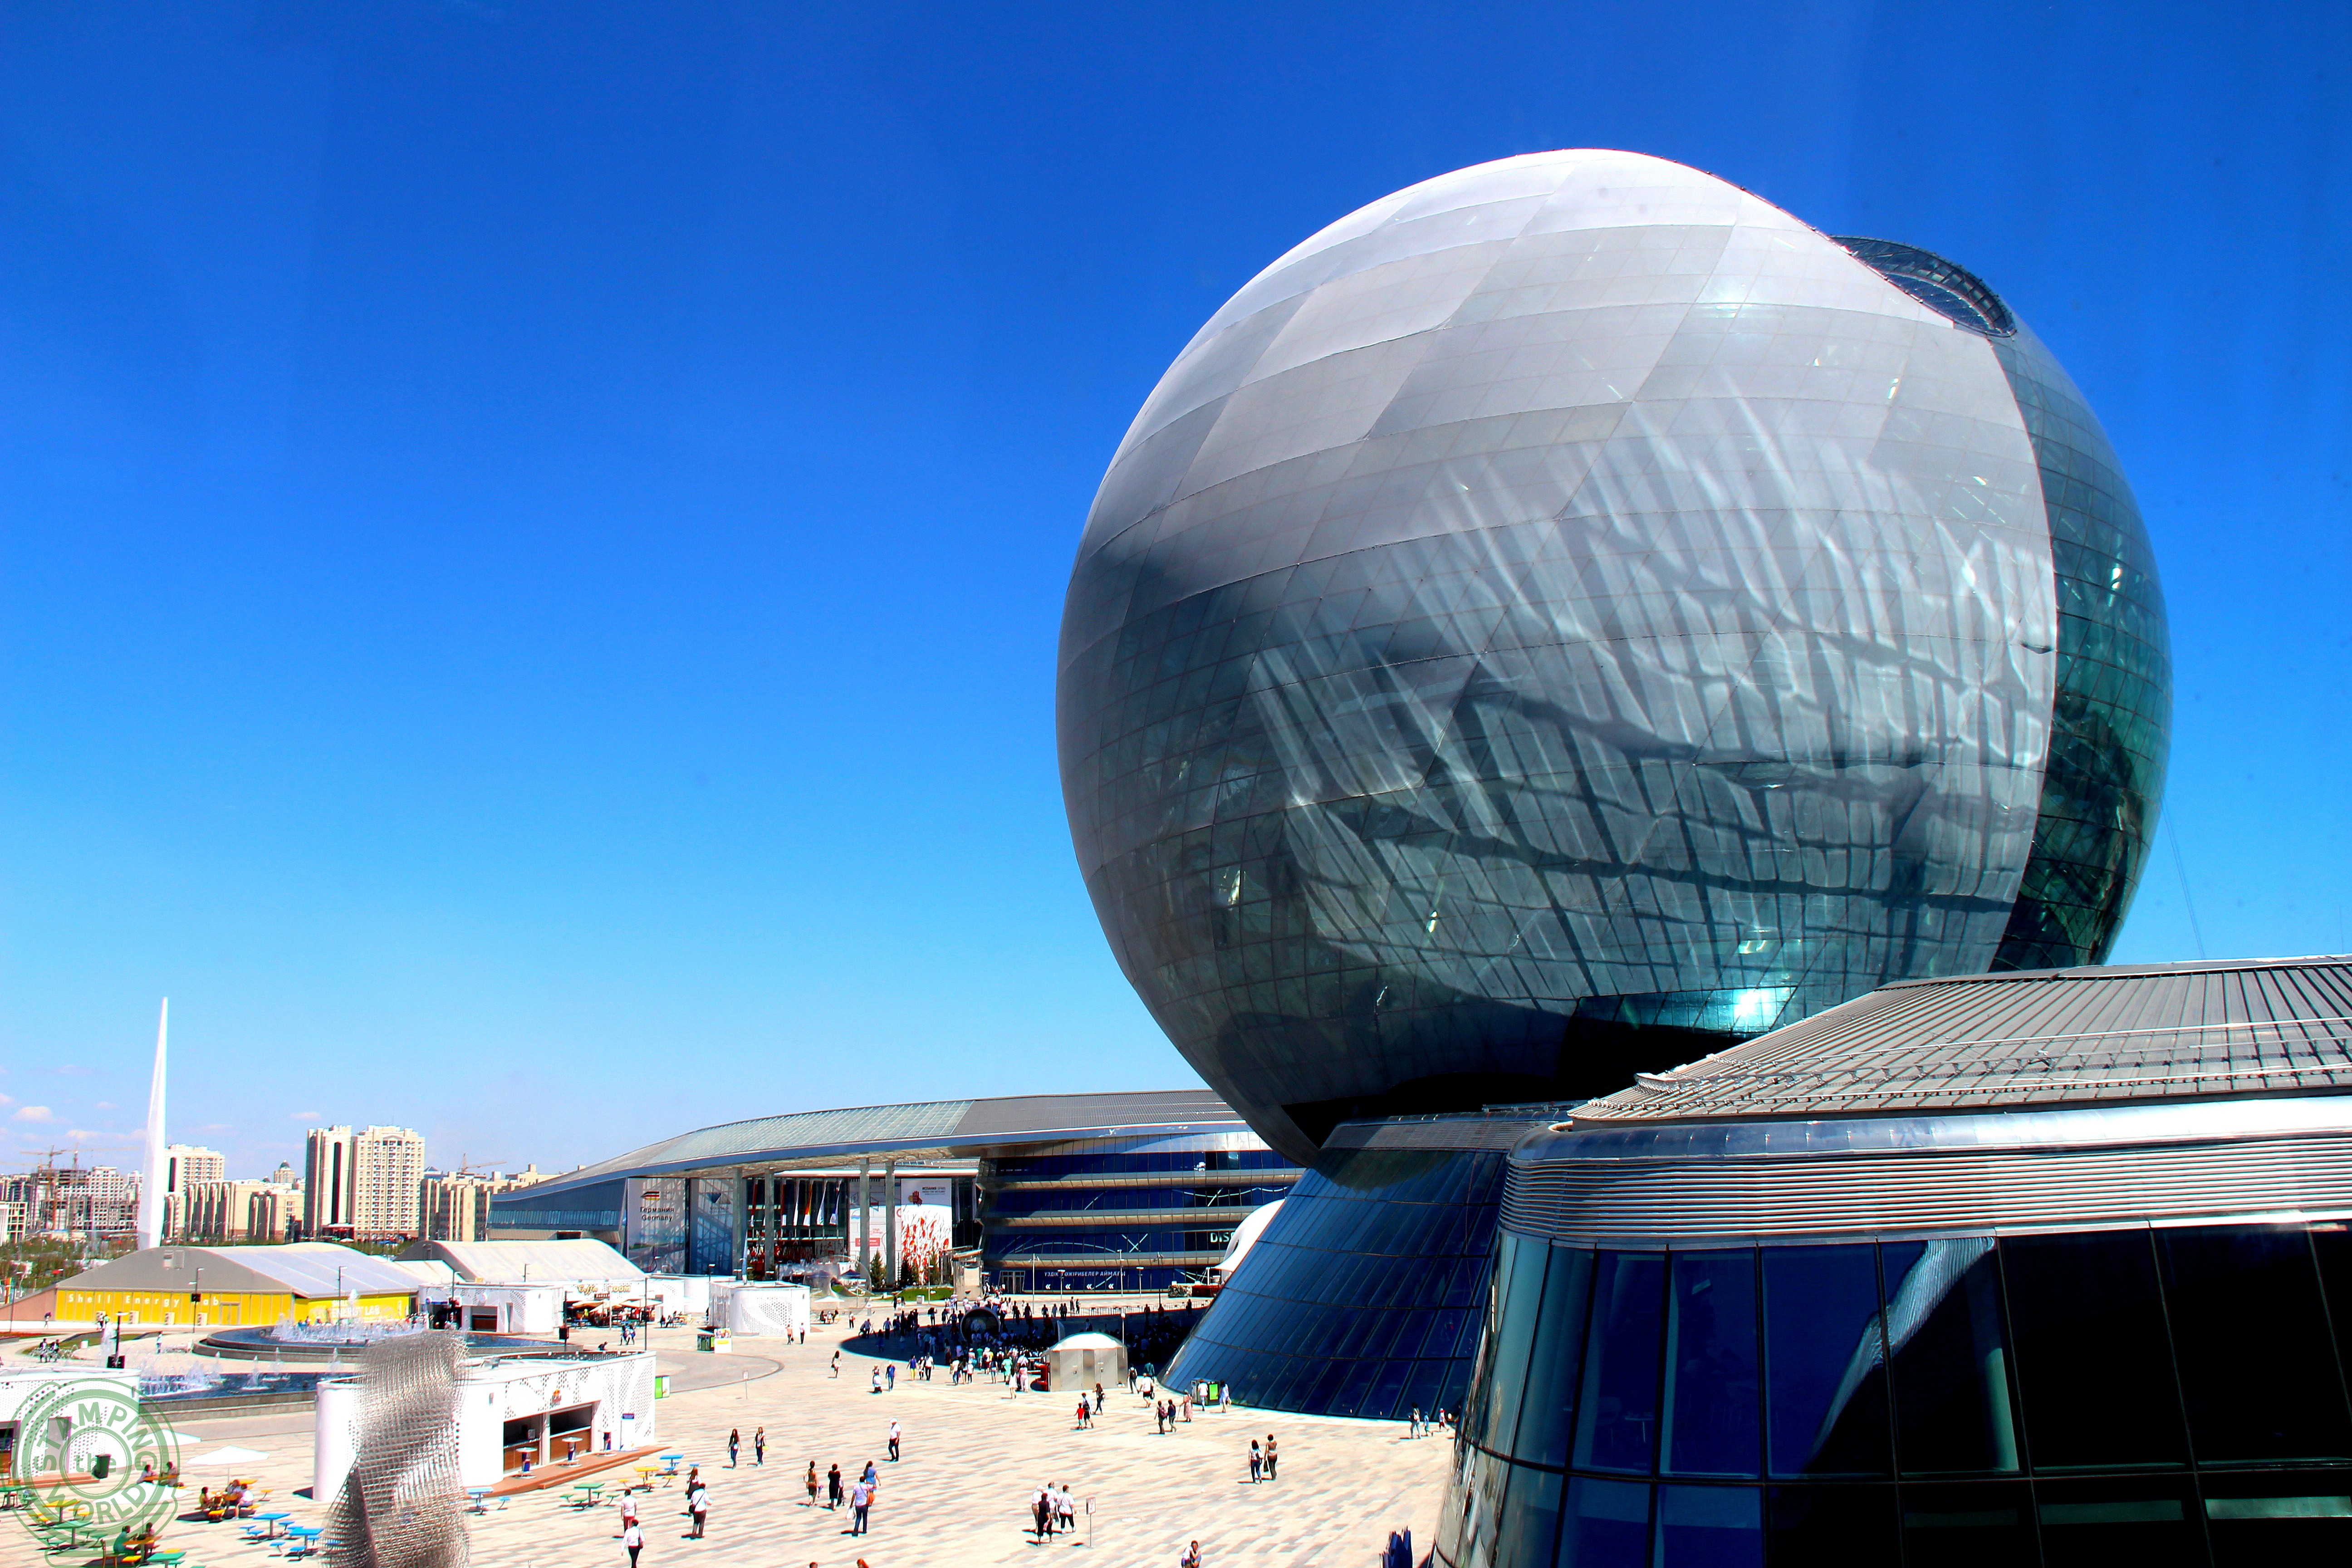 Vista sull'Expo 2017 Astana